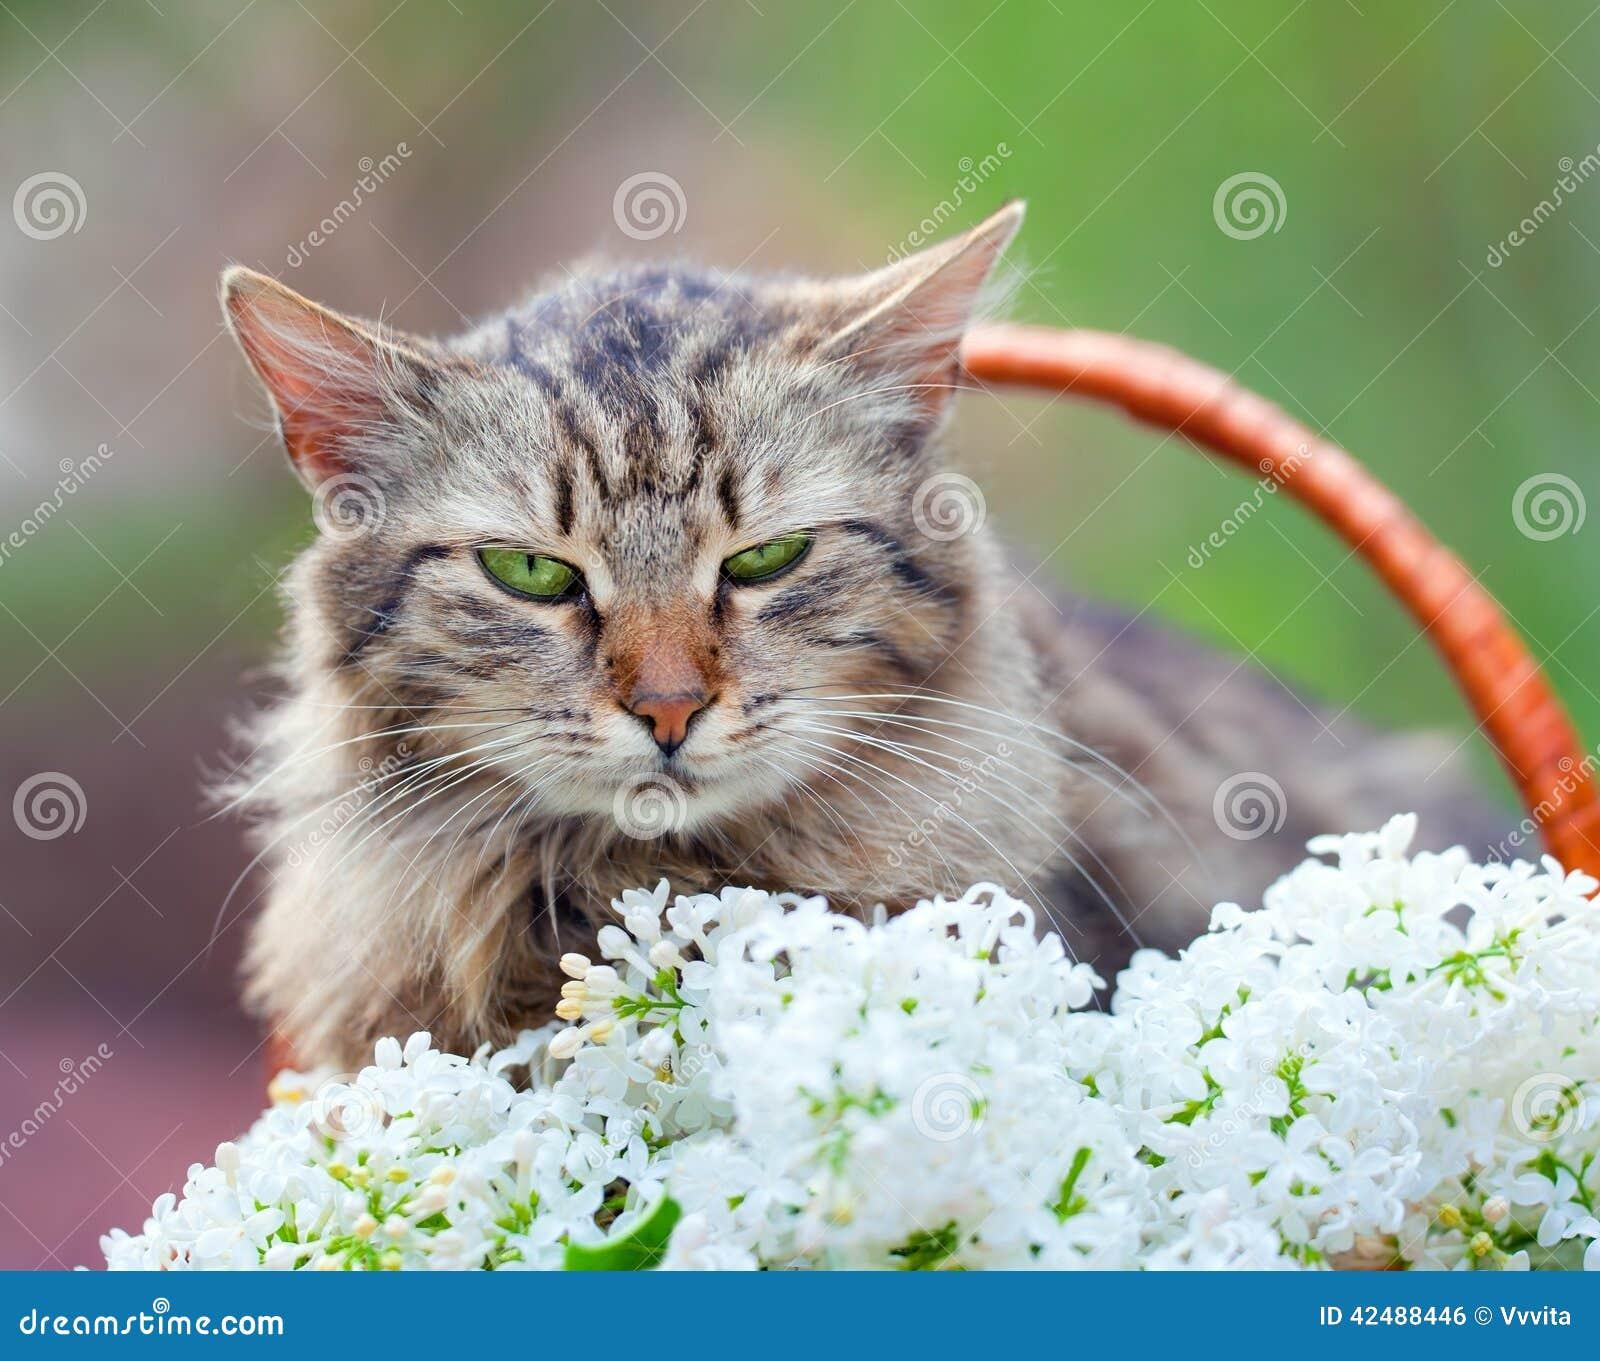 Panier Fleur Pour Chat : Chat dans un panier avec des fleurs photo stock image